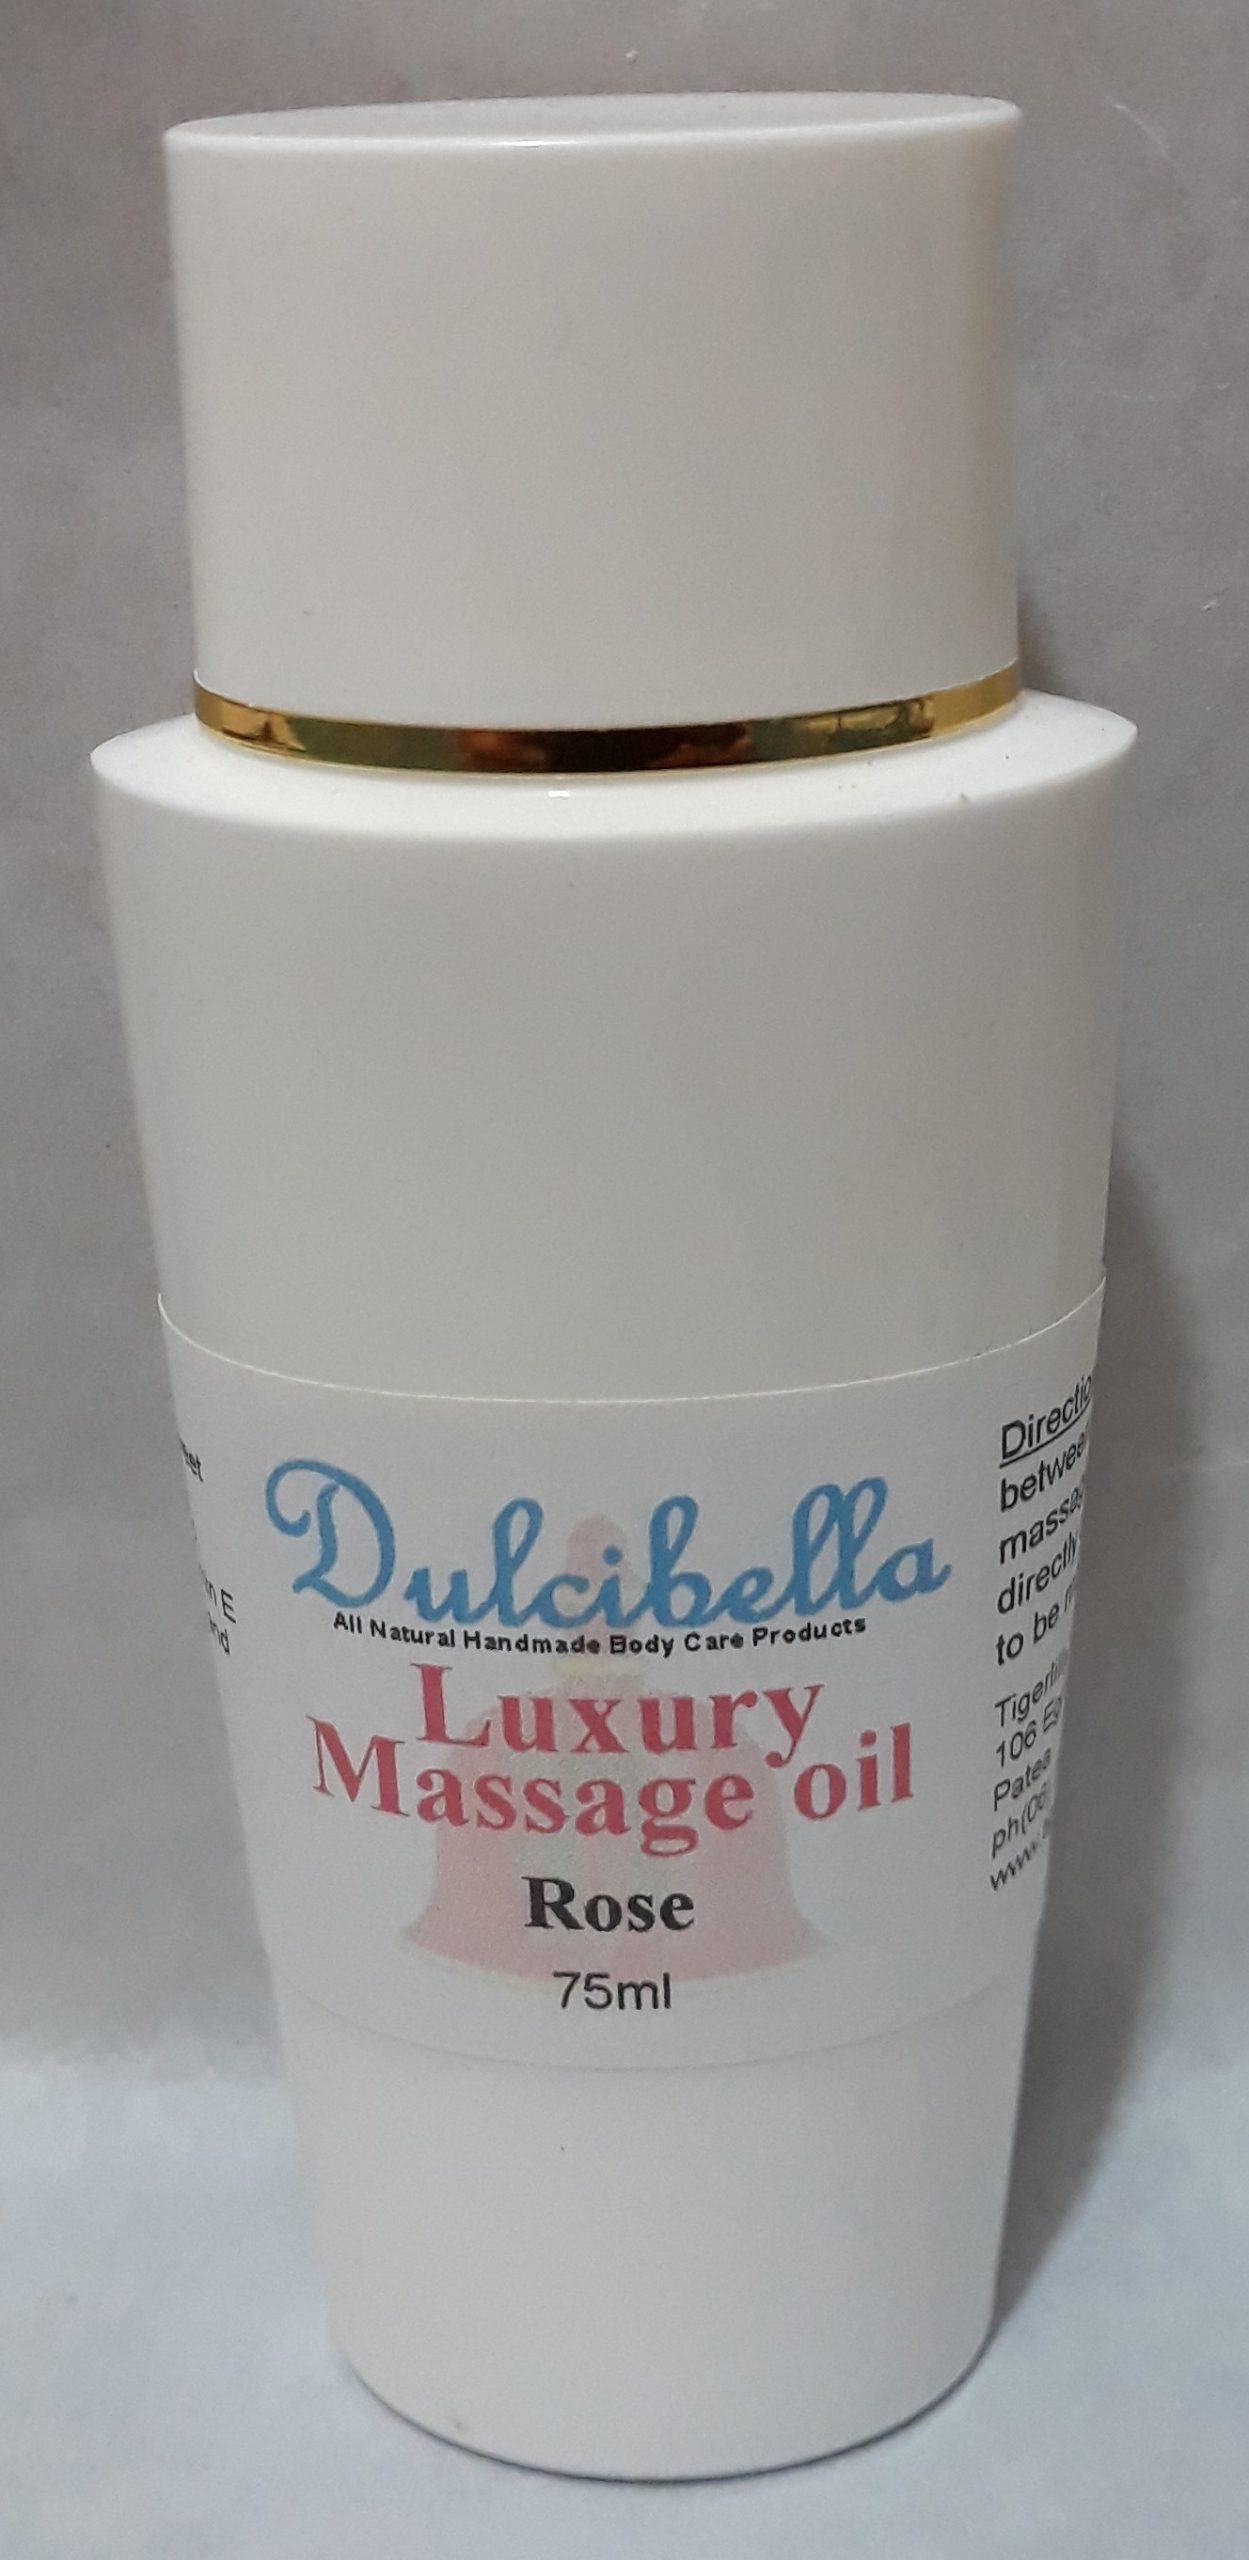 Luxury Massage oil